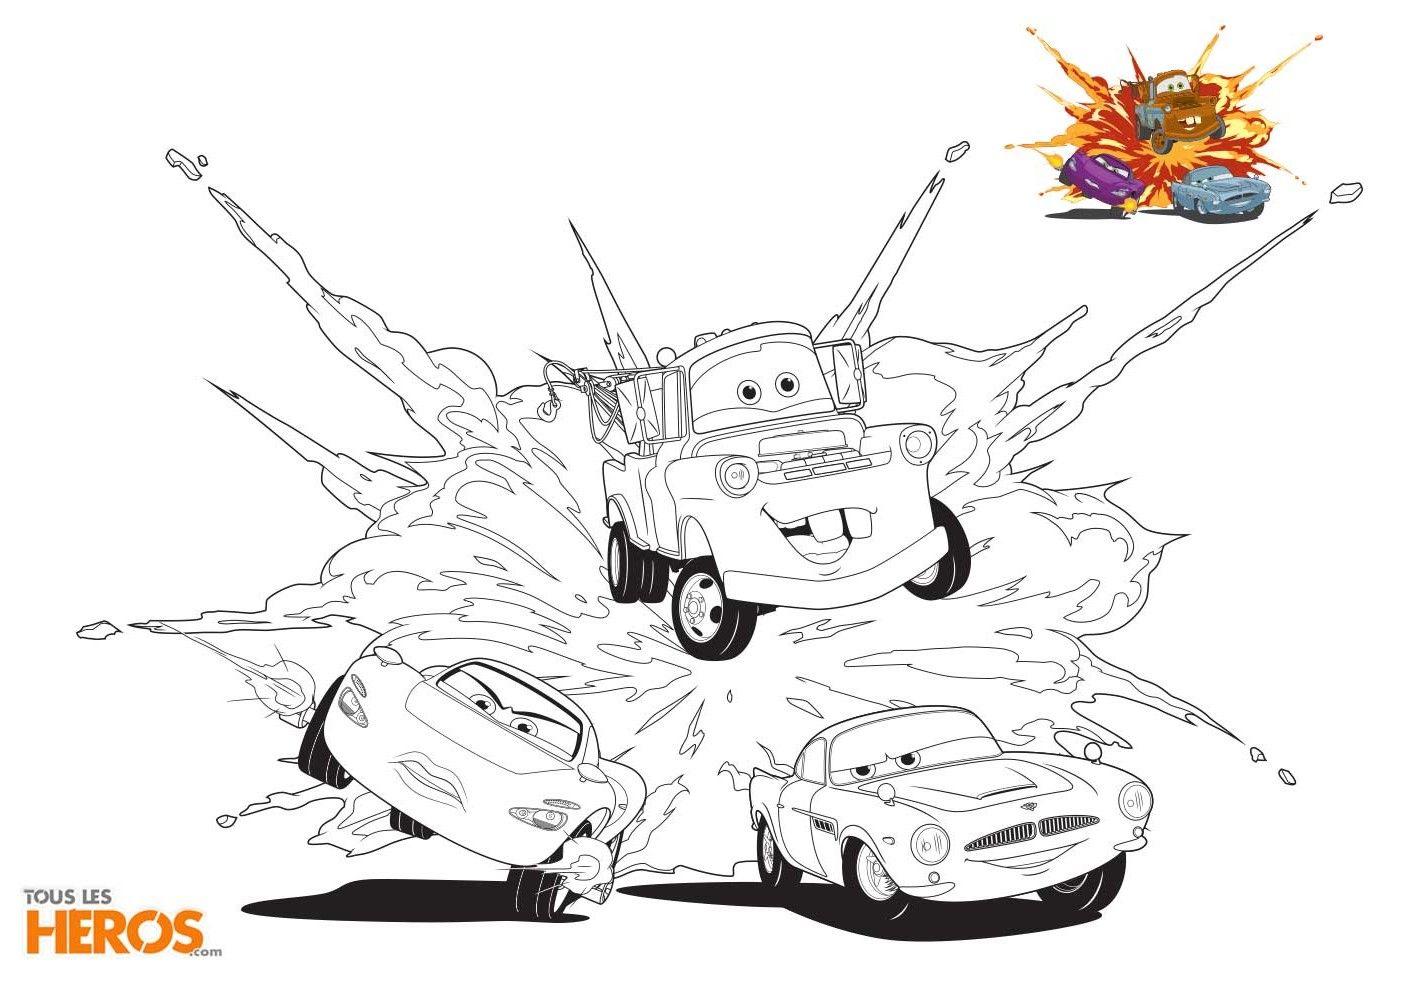 Flash Mcqueen Et Ses Copains Reviennent Sur De Nouveaux Coloriages Cars Totalement Inedits Coloriage Dessin A Colorier Disney Coloriage Disney